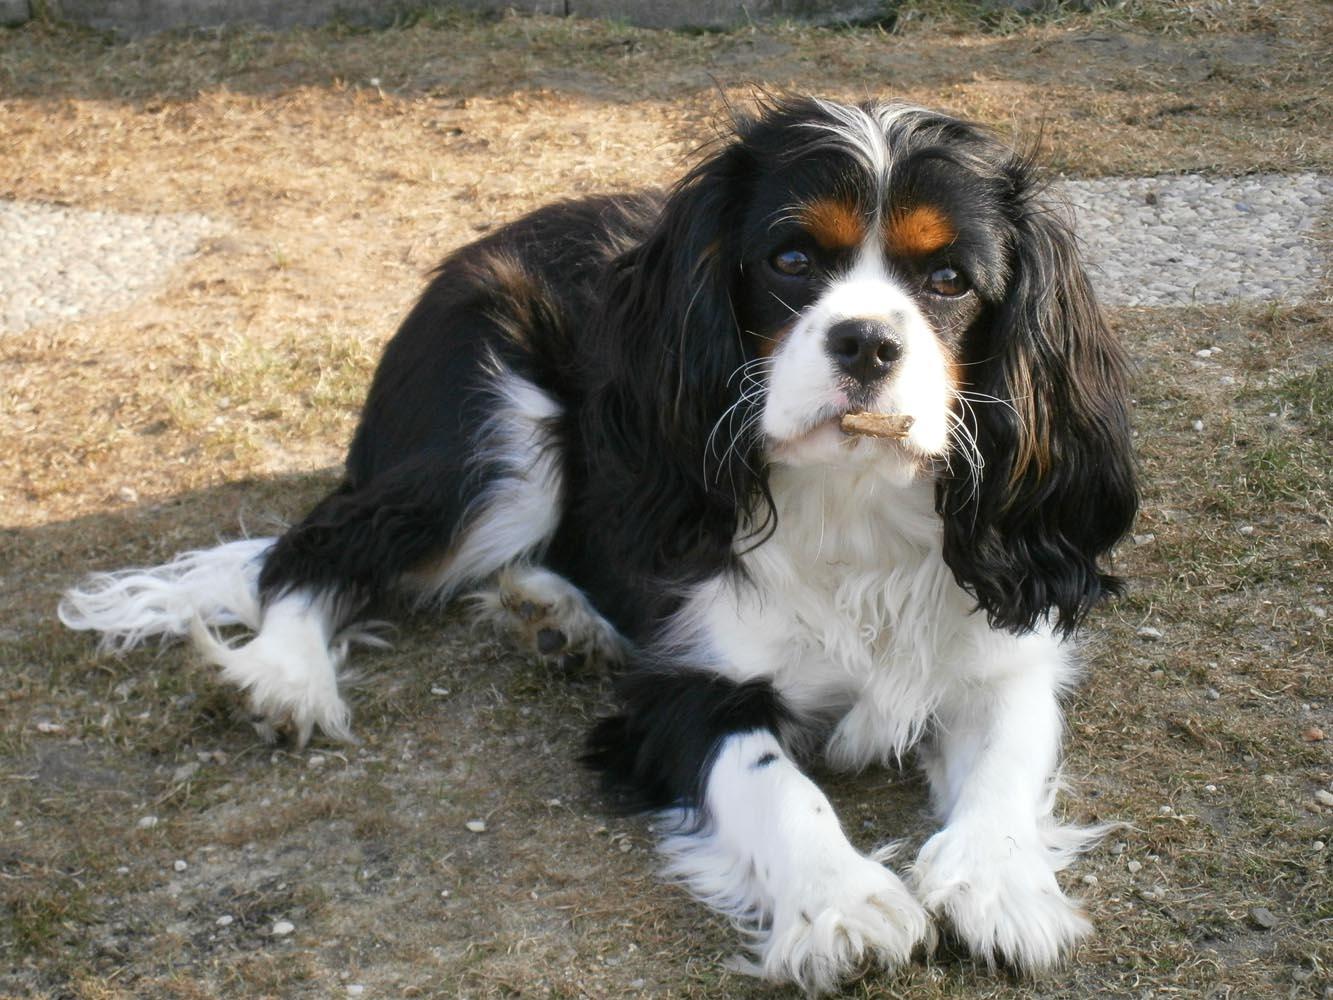 d8b4d4de9b3 Kavalír King Charles Španěl-malý psík s velkou duší – Príma receptář.cz